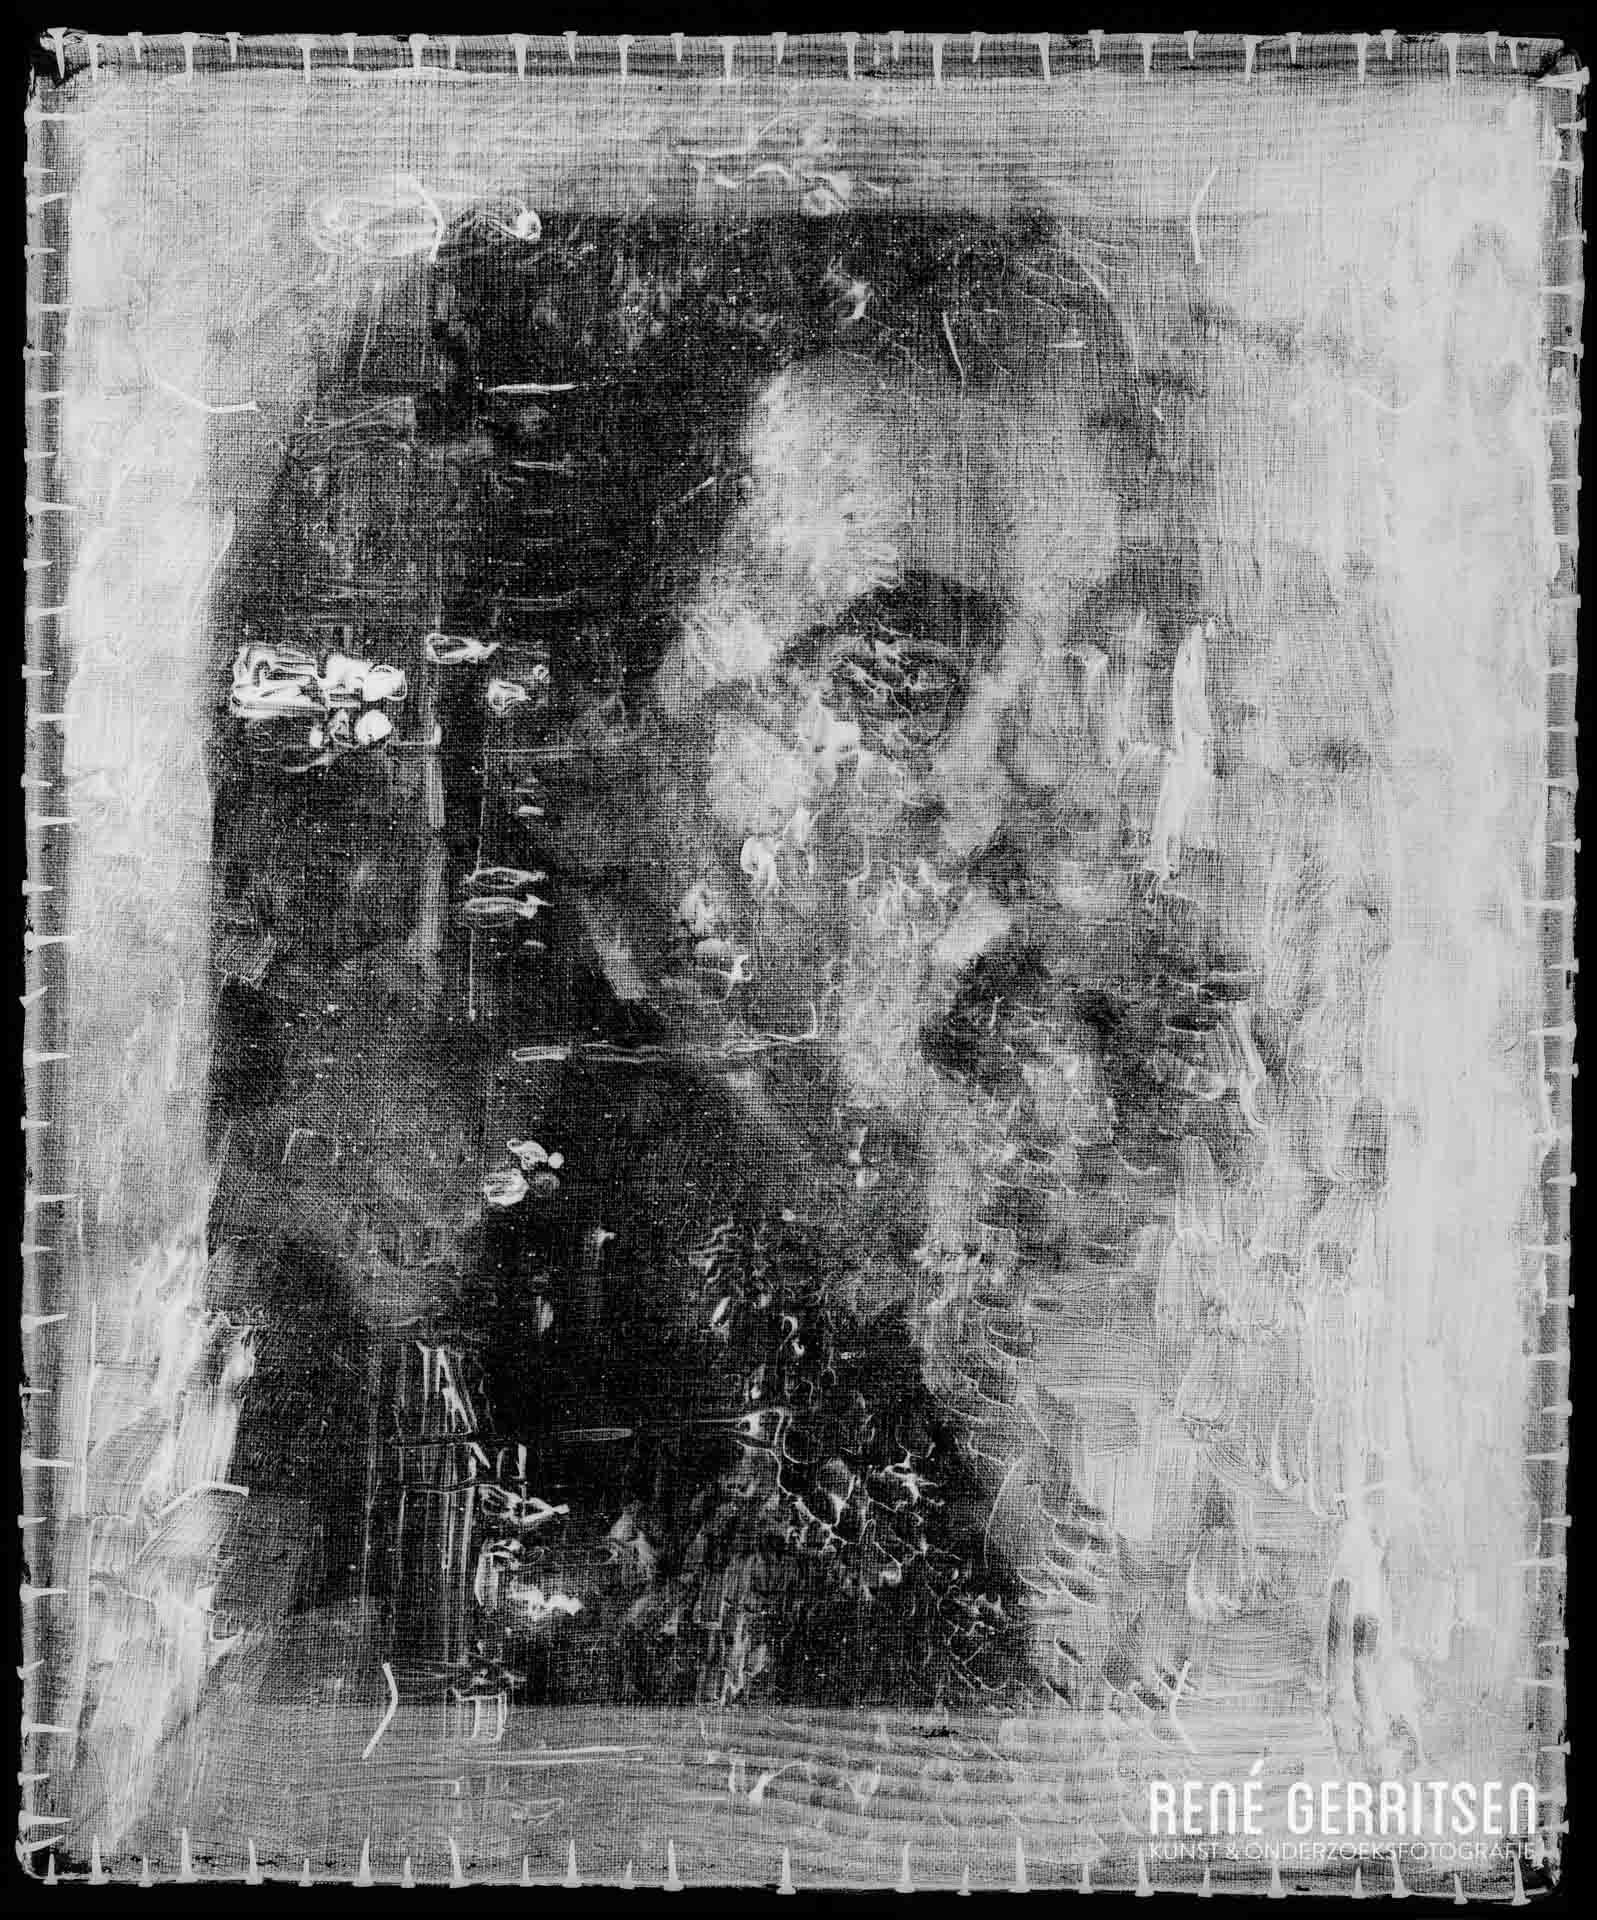 Hetzelfde schilderij 90º gedraaid, waar met behulp van een röntgenfoto nu ook duidelijk een gezicht zichtbaar is. Mogelijk gaat het hier om  het vroegste zelfportret van Van Gogh .